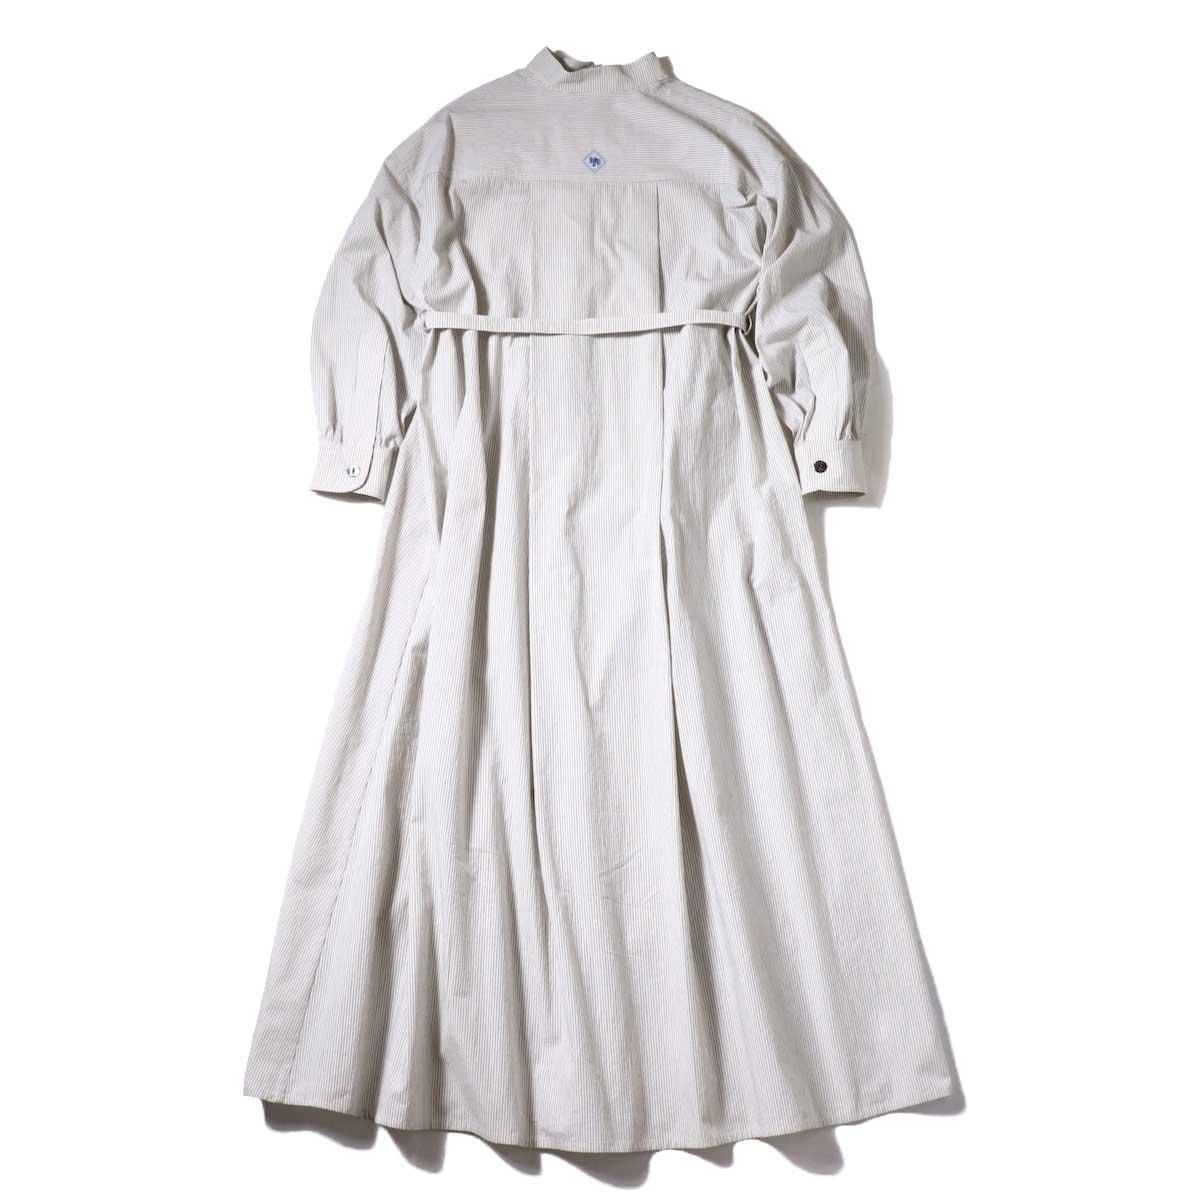 BLUEBIRD BOULEVARD / ブストライプダブルワッシャーシャツドレス (Ivory×Black) 背面